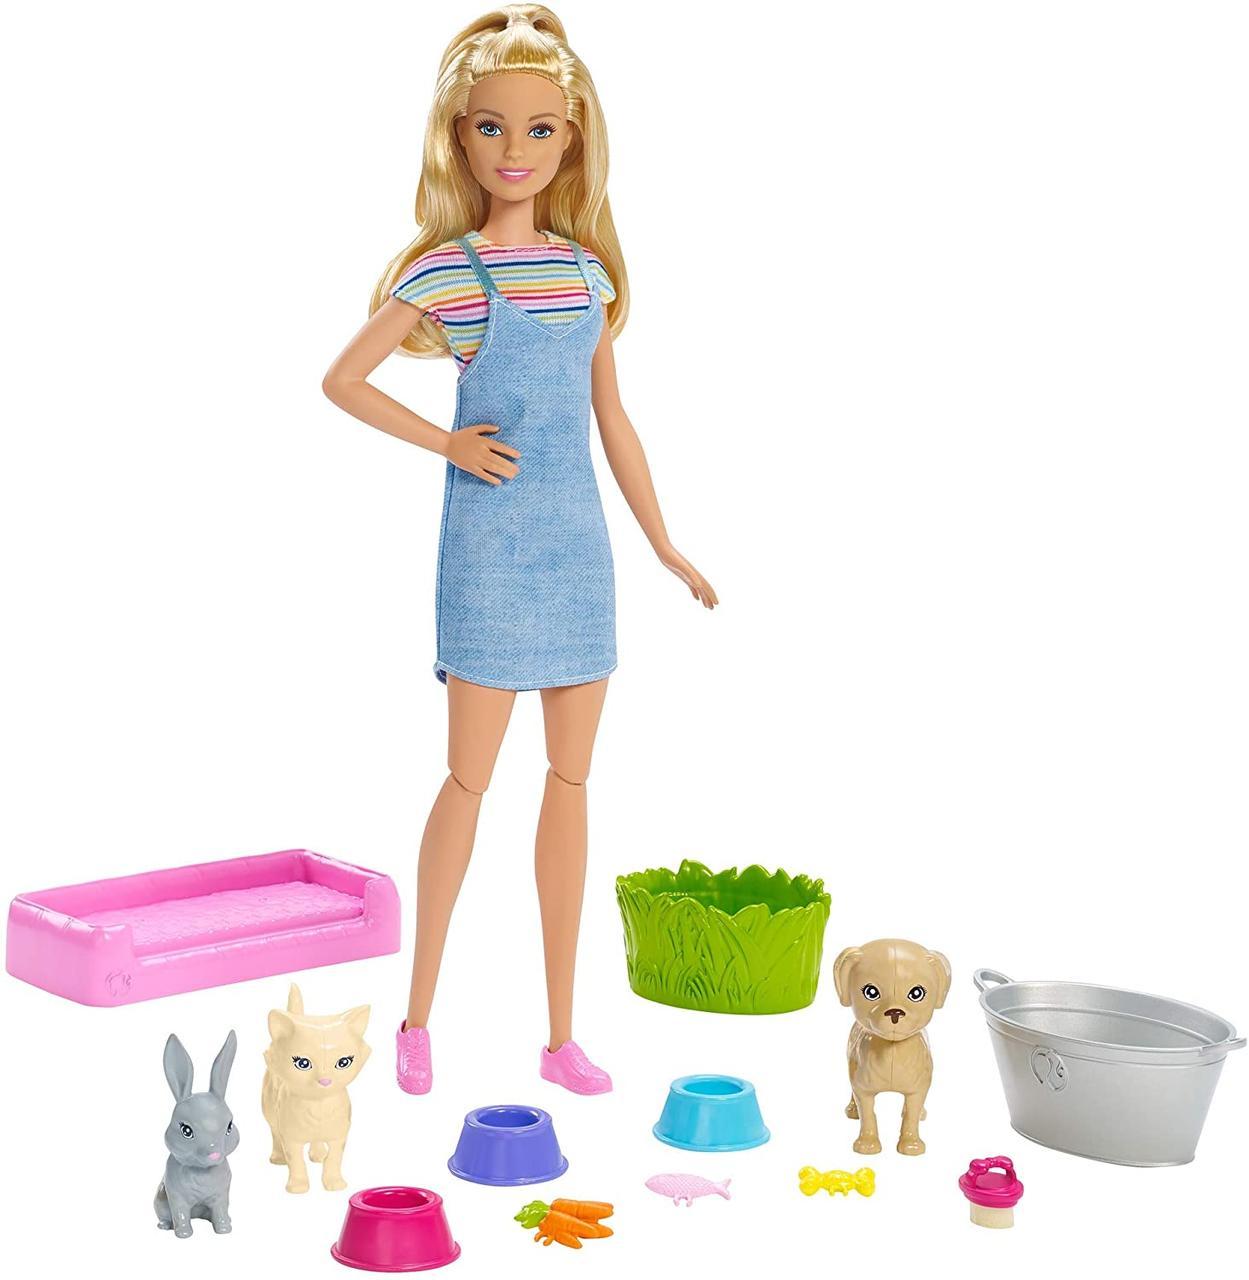 Лялька Барбі купання вихованців Barbie Play 'N' Wash Pets Doll and Playset